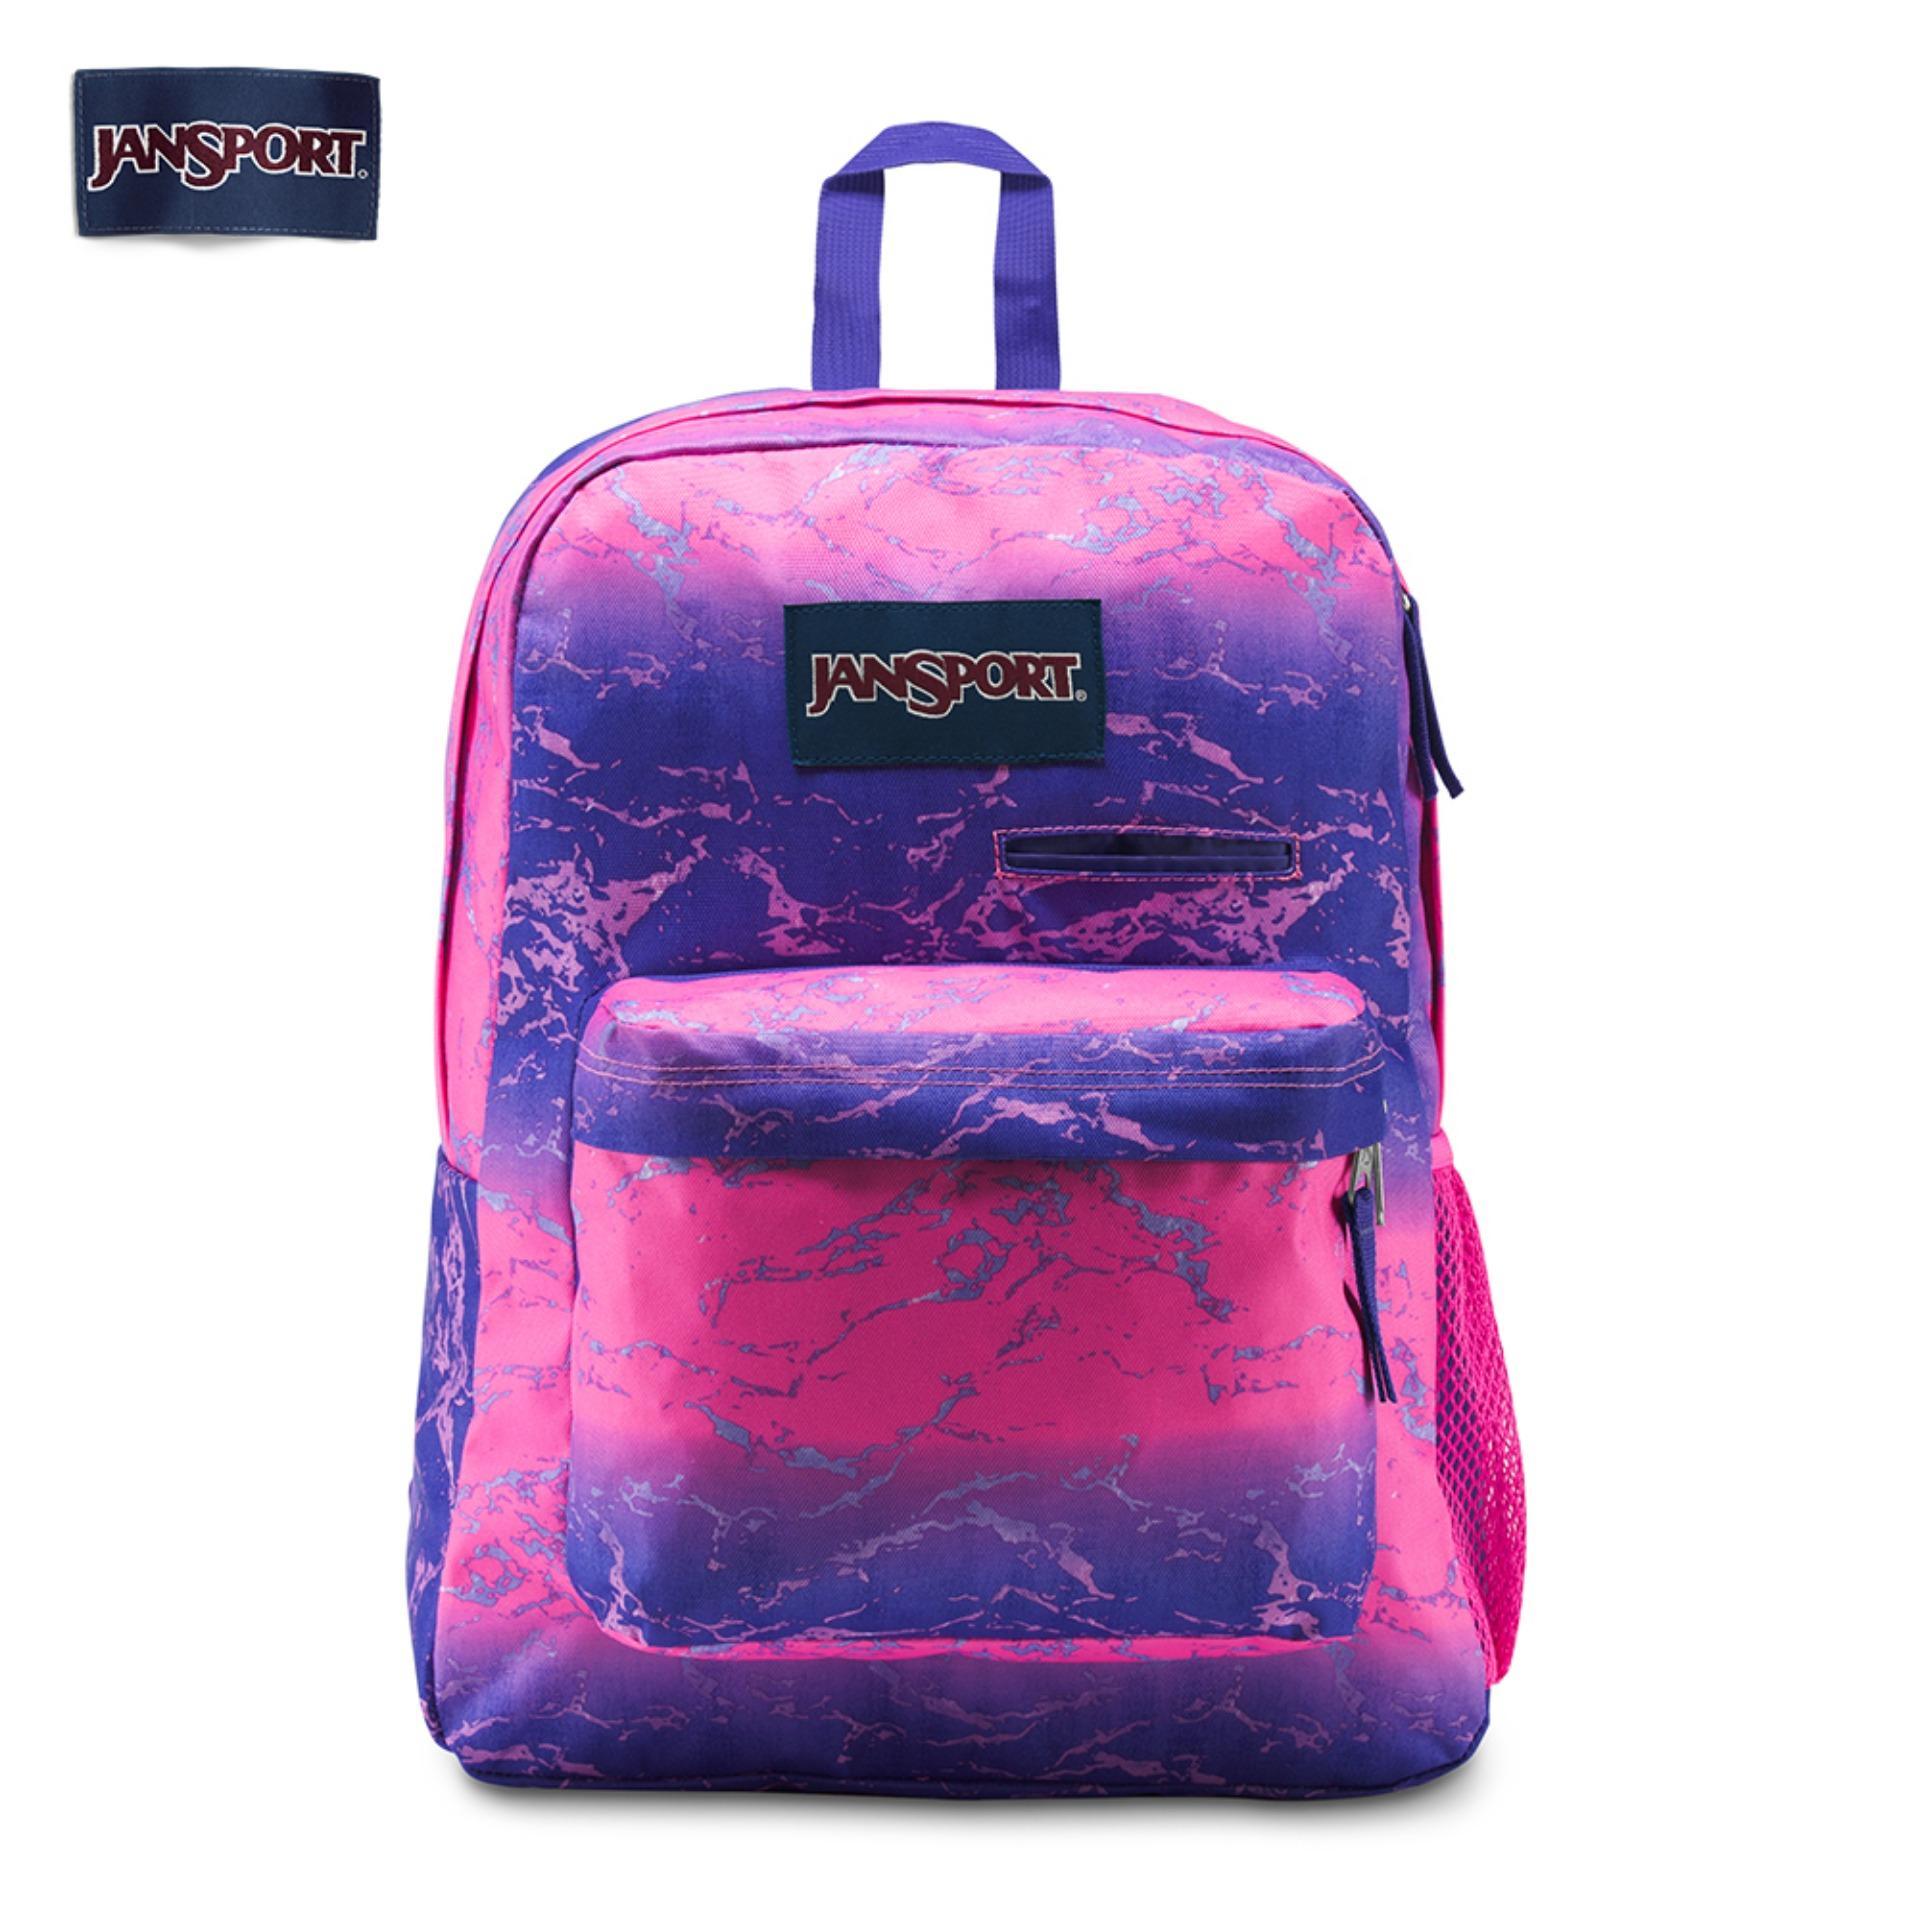 Jansport Womens Digibreak Backpack 600 Denier Polyester Backpacks